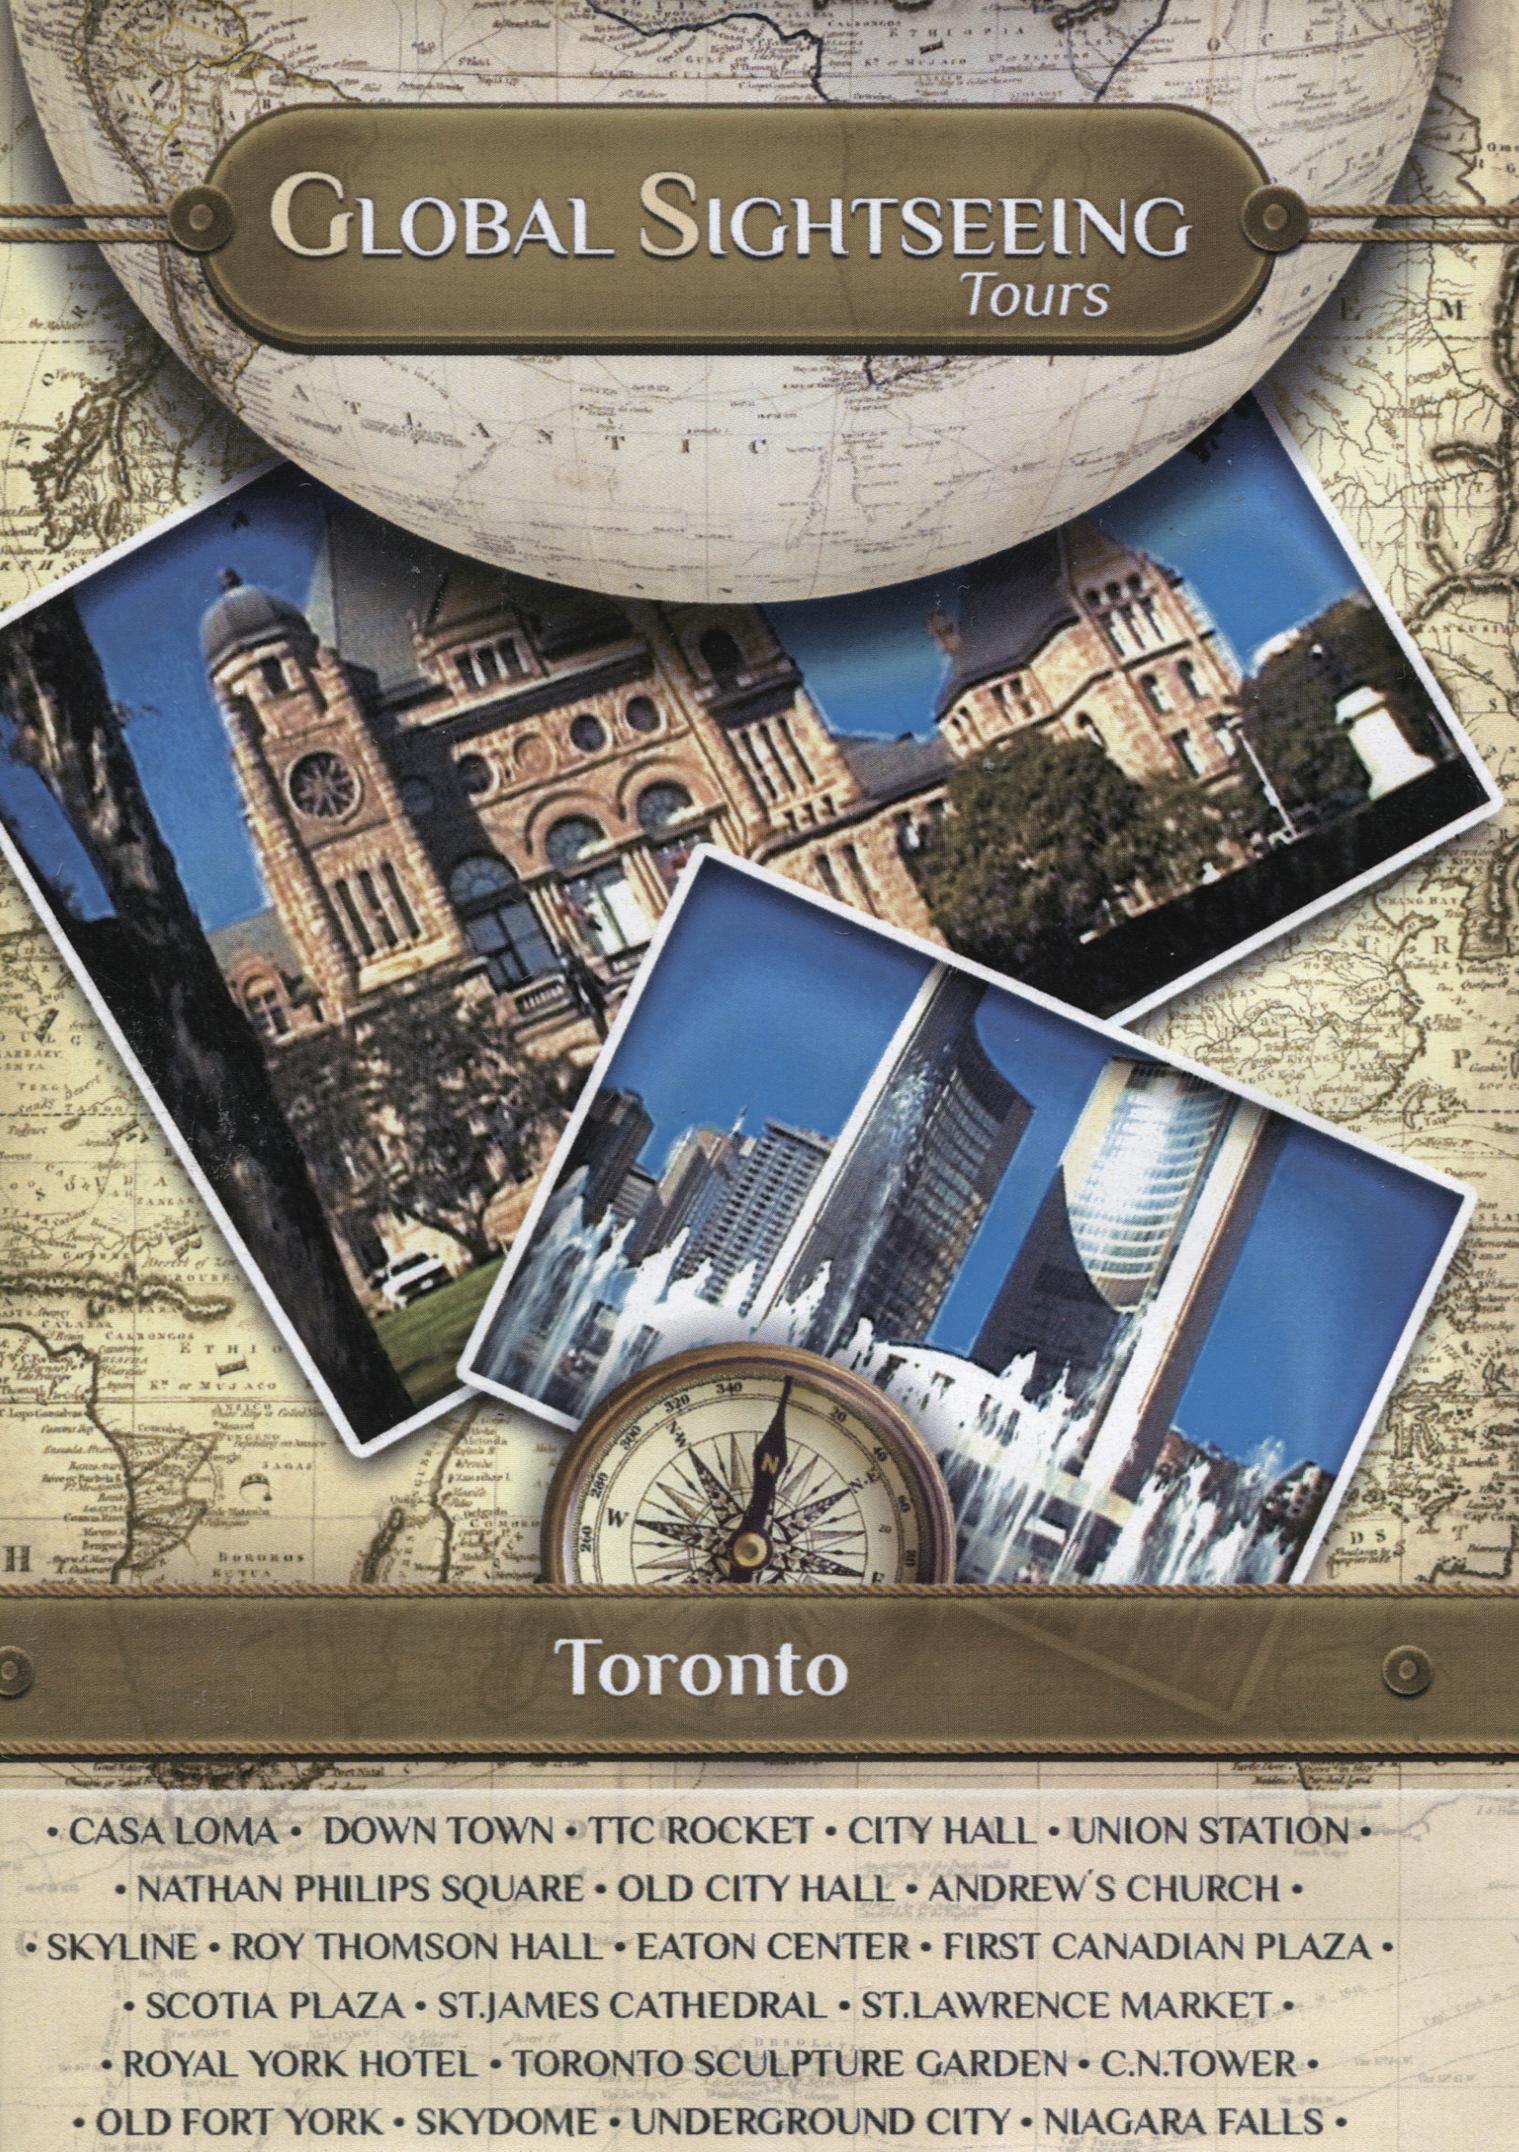 Global Sightseeing Tours: Toronto